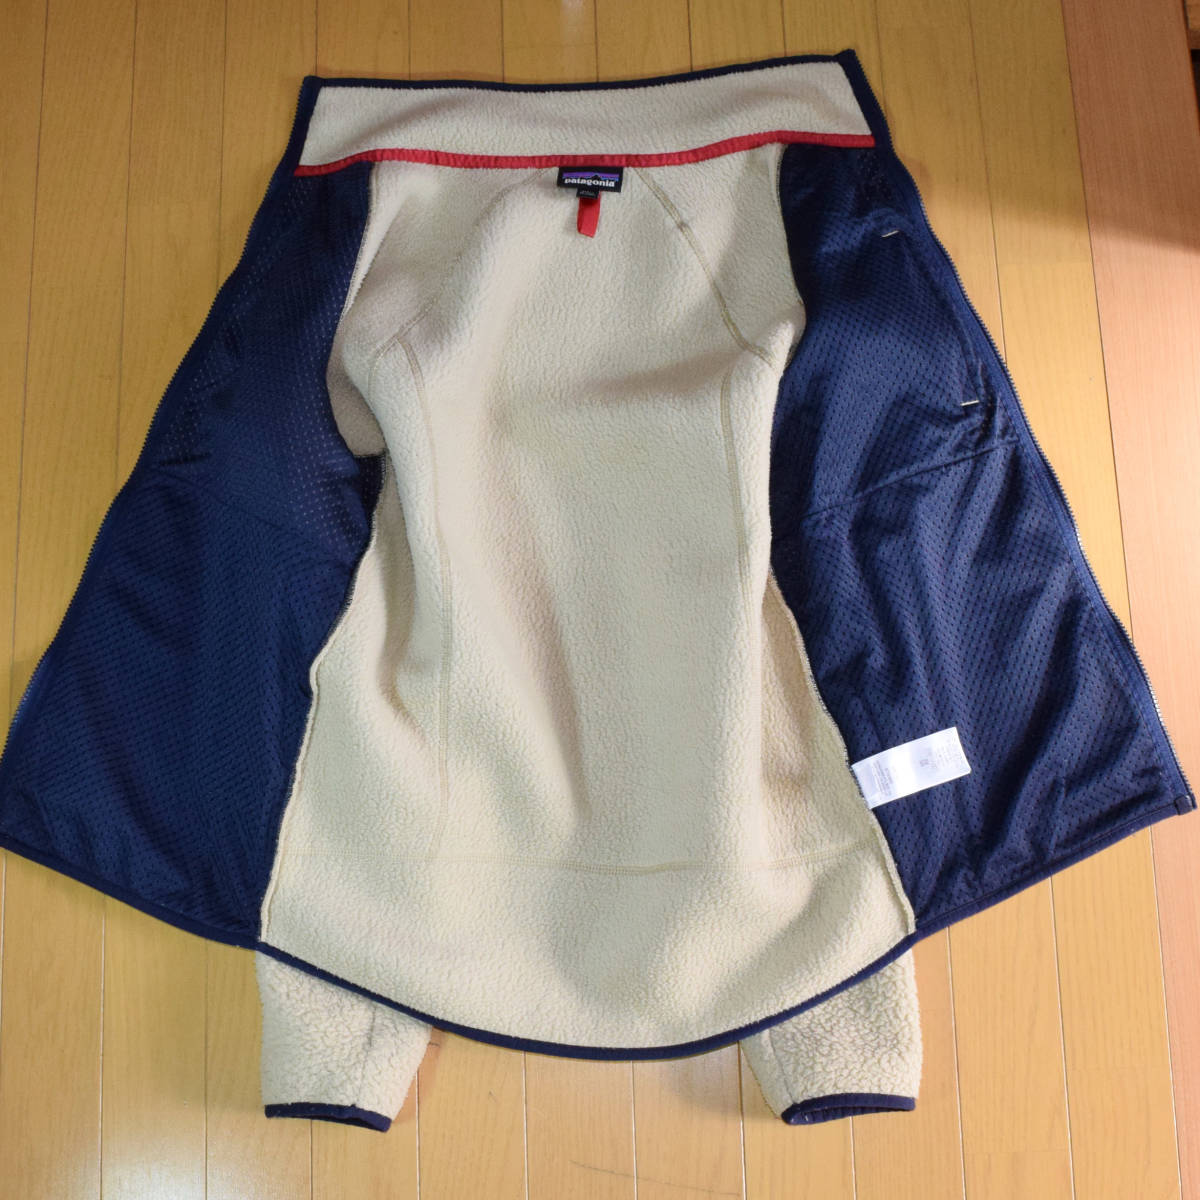 送料無料!人気カラー patagonia パタゴニア MEN'S retro pile jacket S サイズ レトロパイル ジャケット レトロX 希少22800FA18 ELKH_画像7